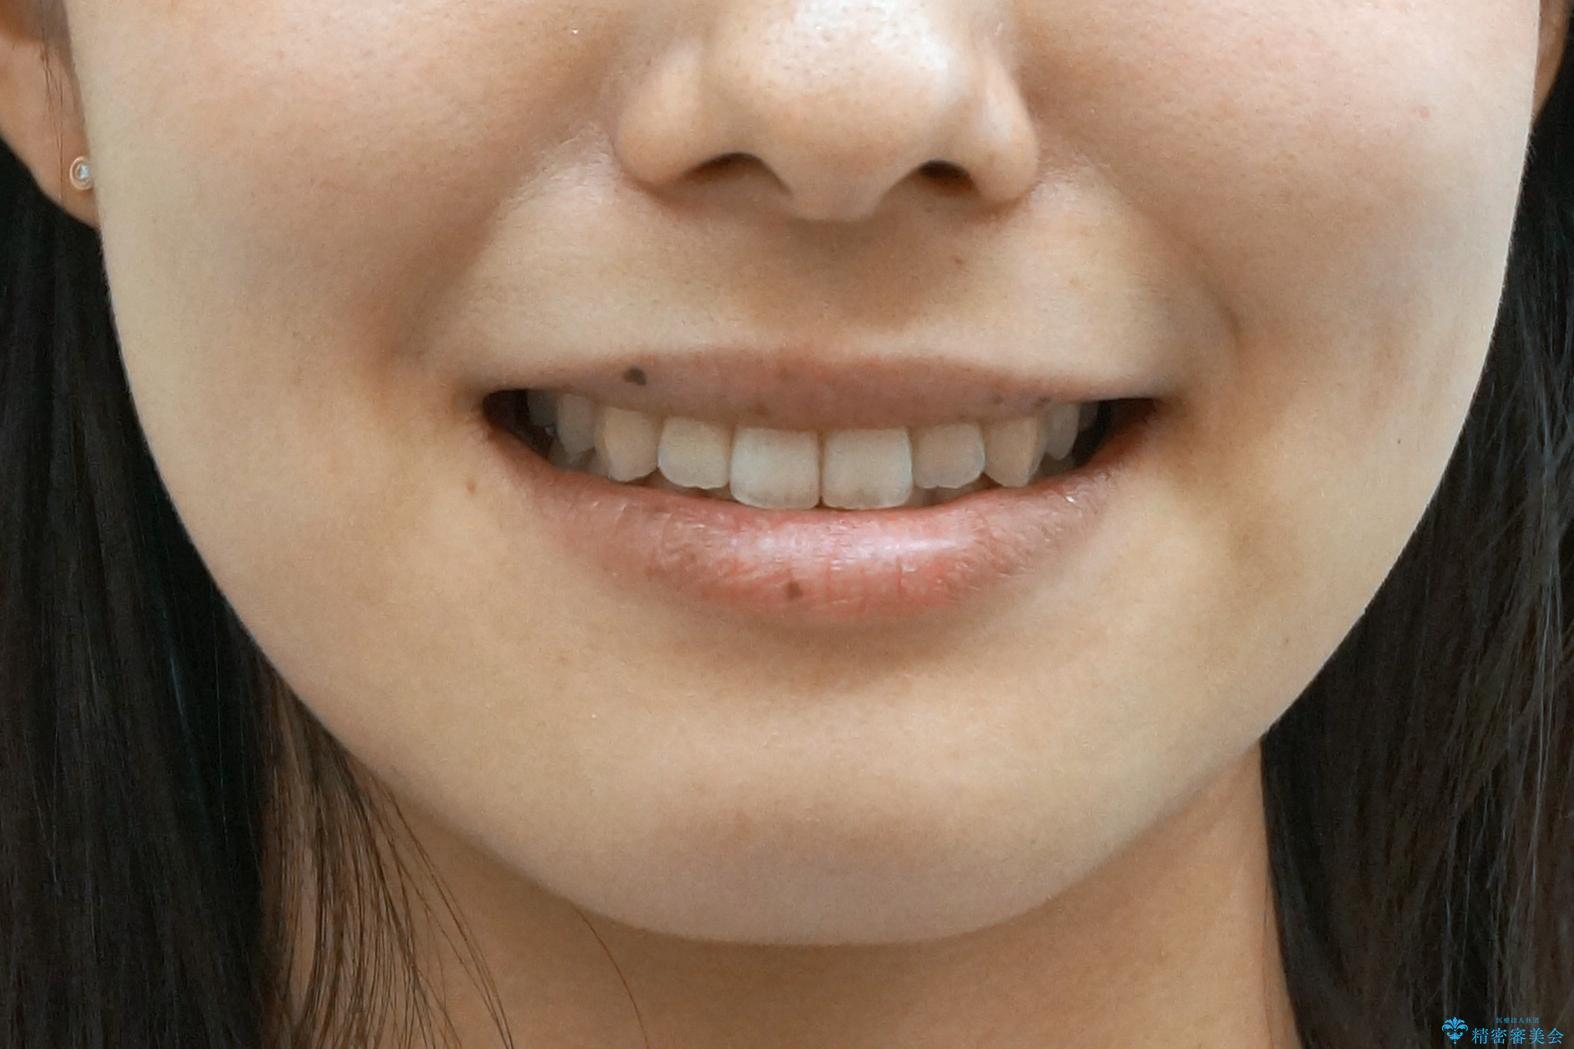 前歯のがたつき インビザラインで 下の奥歯を後ろに下げるの治療後(顔貌)